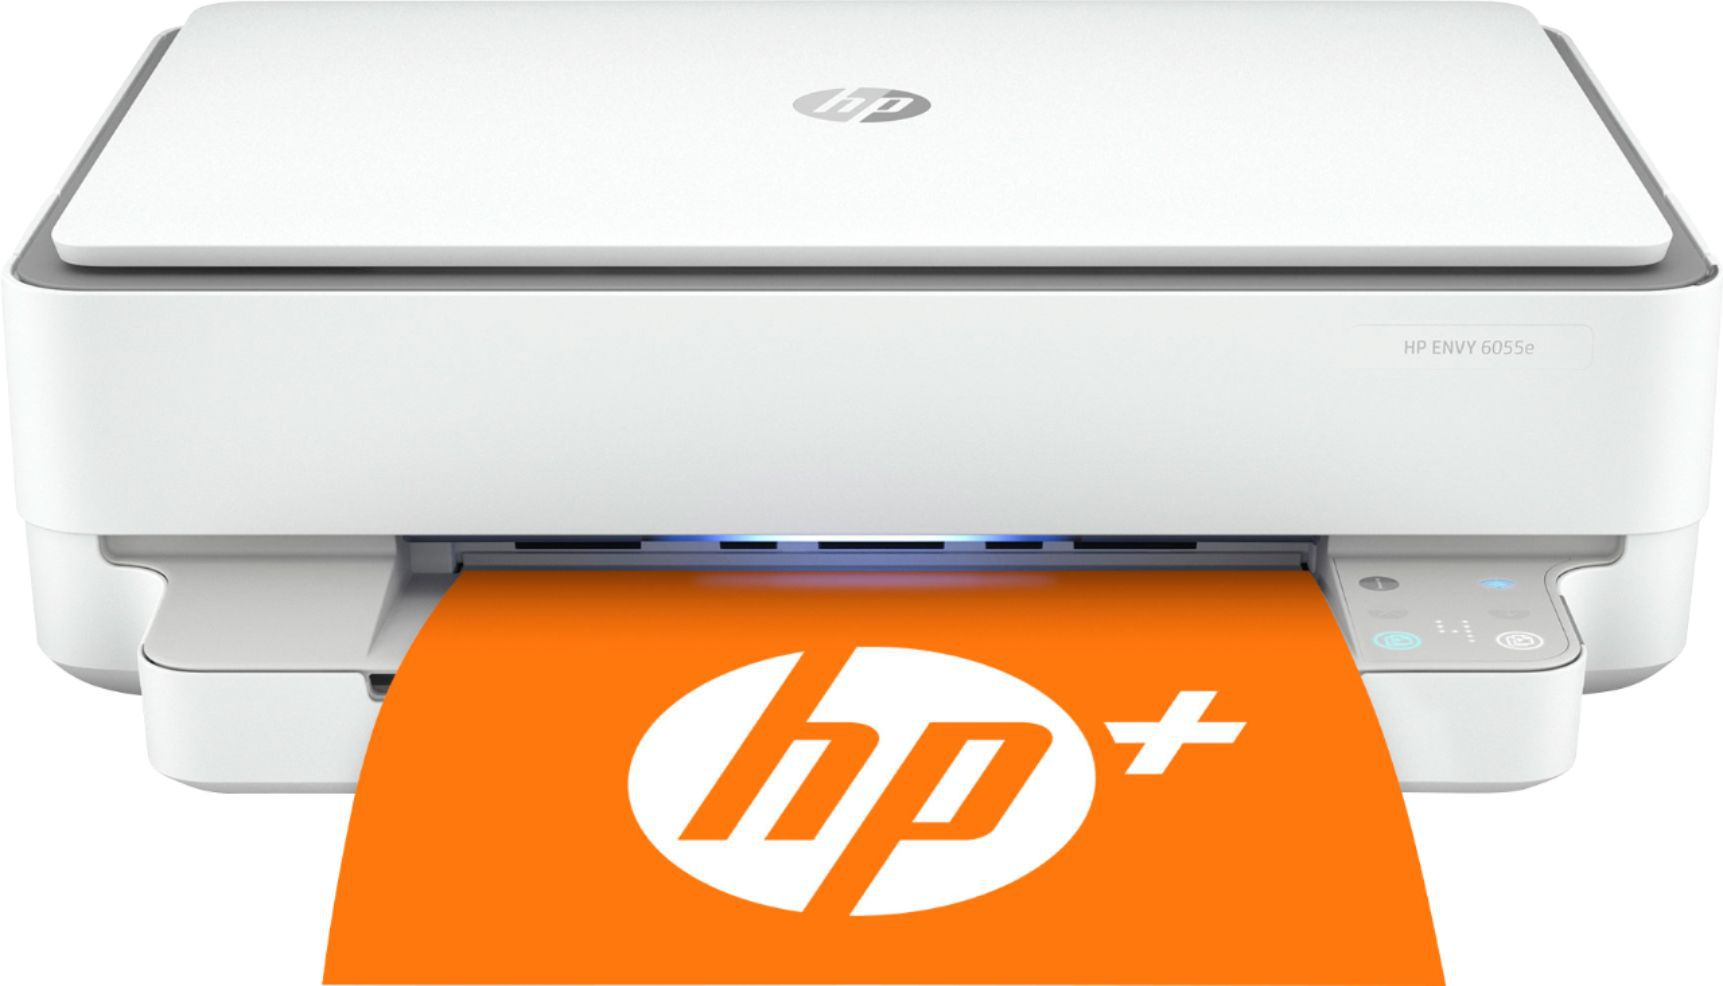 HP - ENVY 6055e Wireless Inkjet Printer